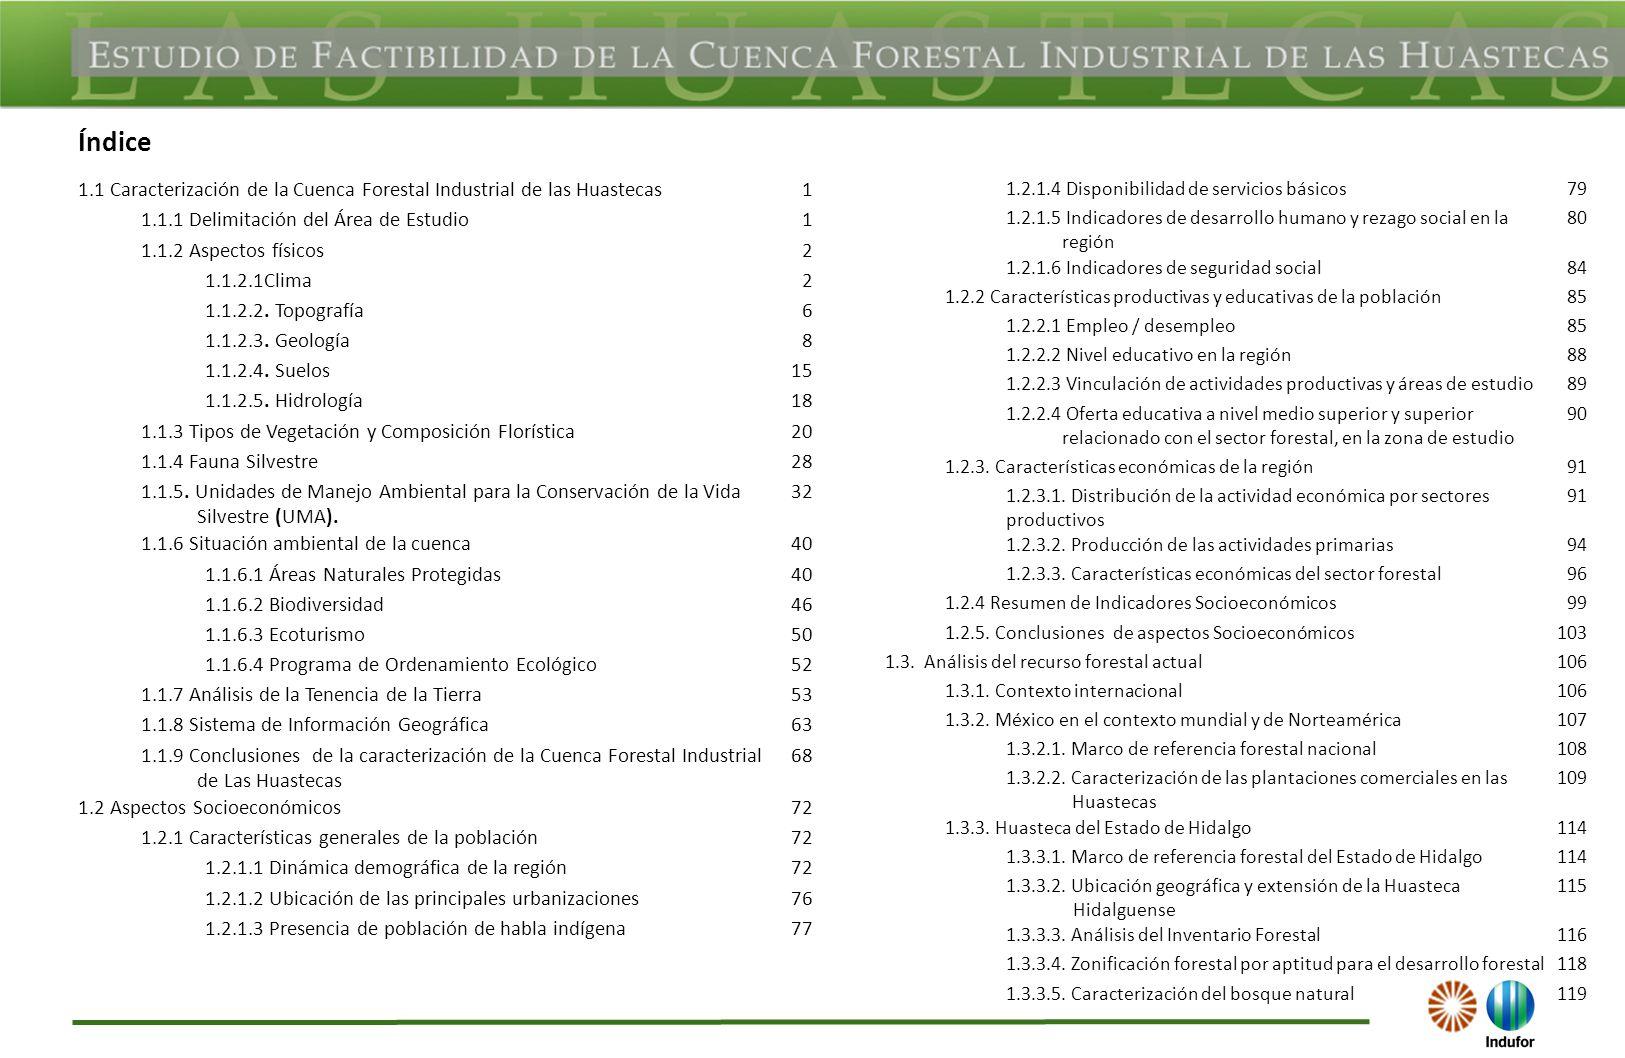 Índice 1.1 Caracterización de la Cuenca Forestal Industrial de las Huastecas1 1.1.1 Delimitación del Área de Estudio1 1.1.2 Aspectos físicos2 1.1.2.1Clima2 1.1.2.2.